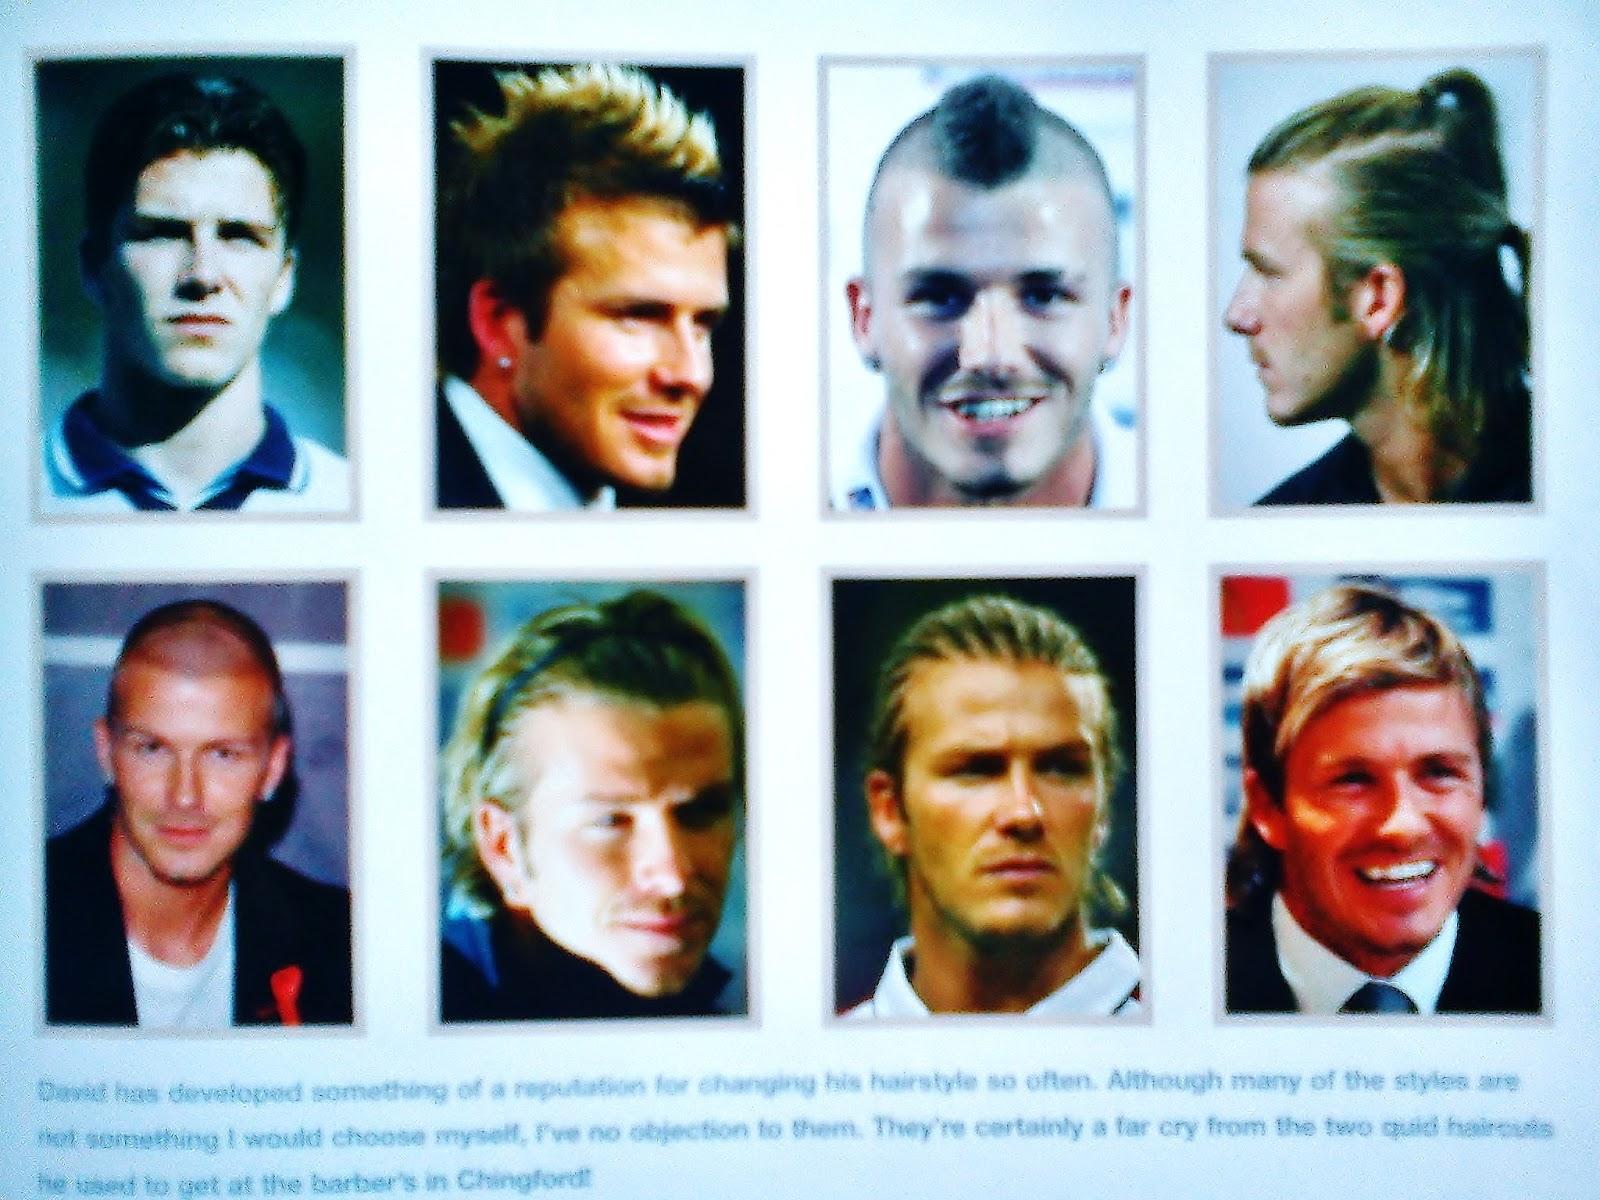 http://2.bp.blogspot.com/-1wMfTVYBjgI/T3F-pFYSmII/AAAAAAAAALQ/9boDFIIAKVA/s1600/hair+evolution.JPG